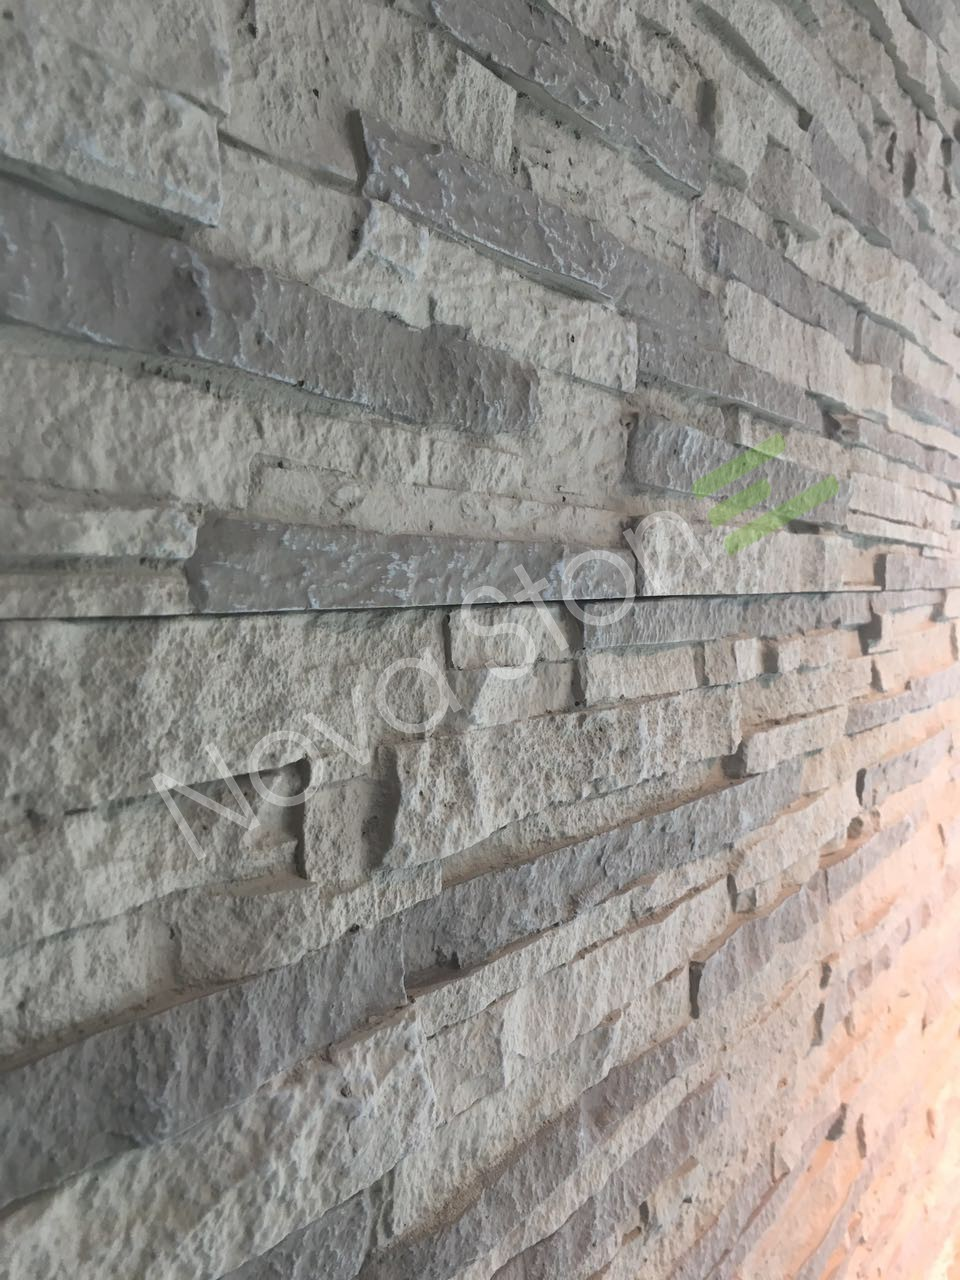 Instalaci n r pida panel piedra poliuretano revestimiento exterior piedras artificiales - Revestimiento exterior piedra ...